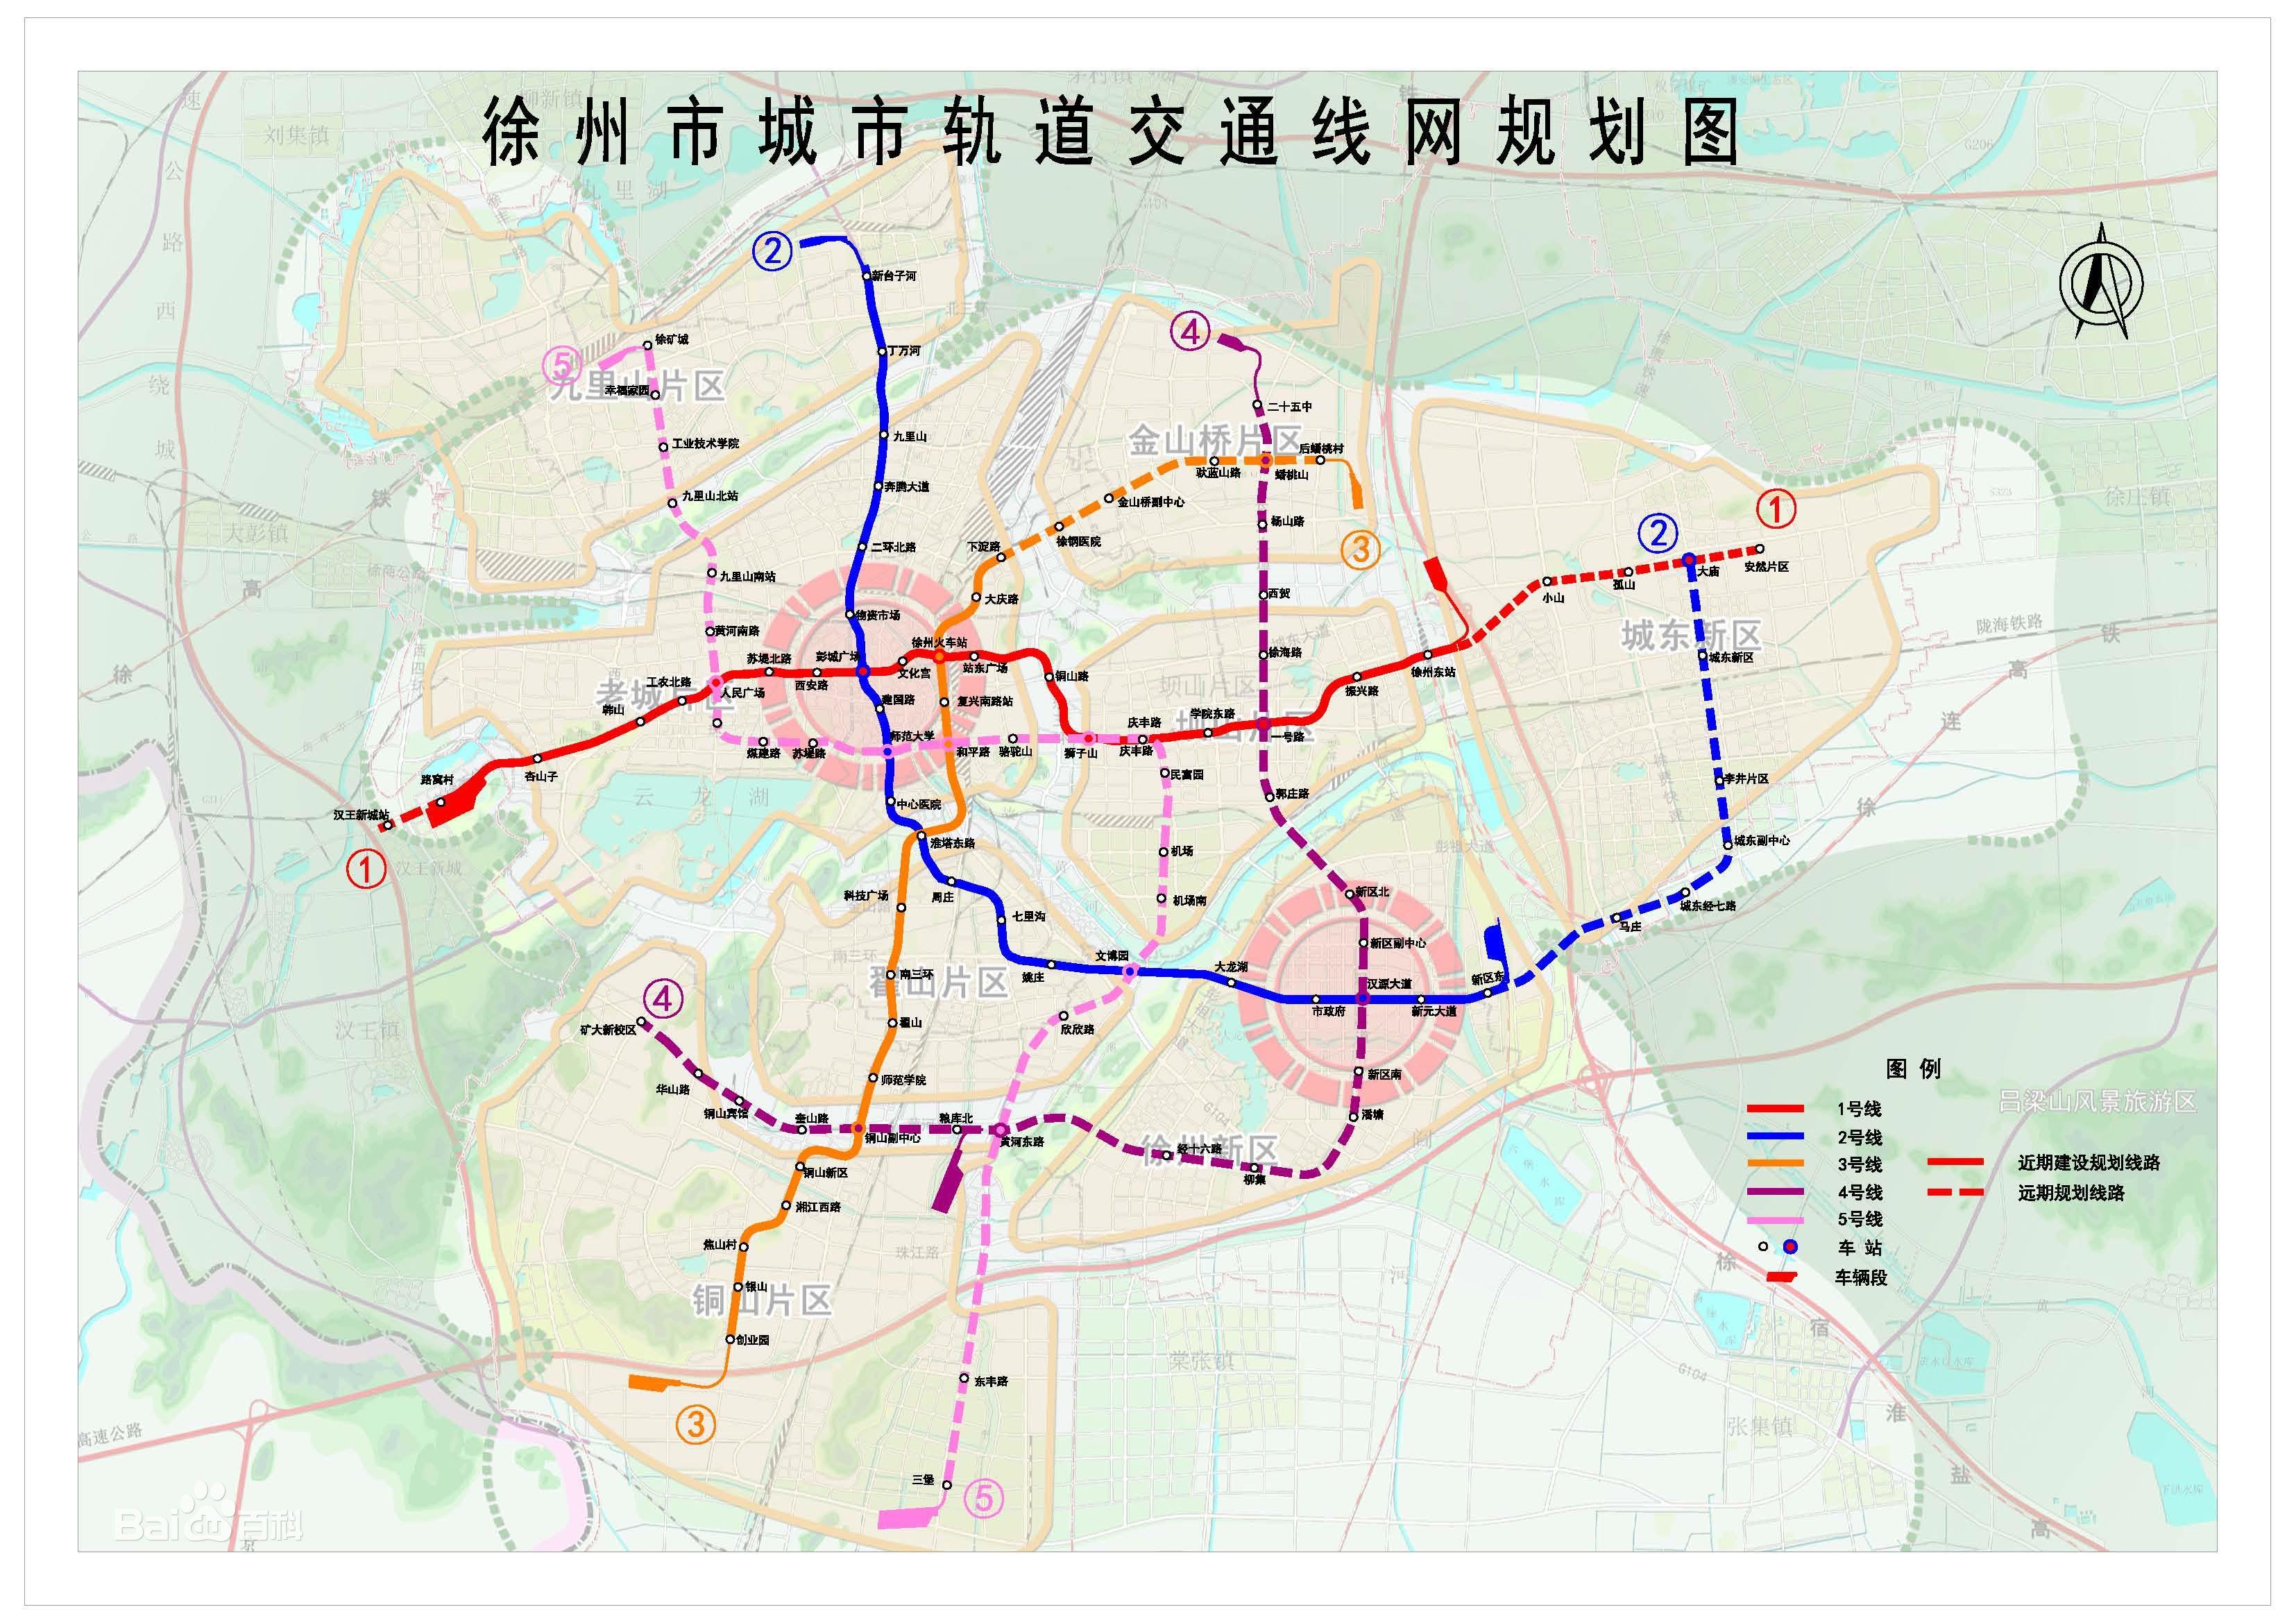 徐州地鐵線路規劃